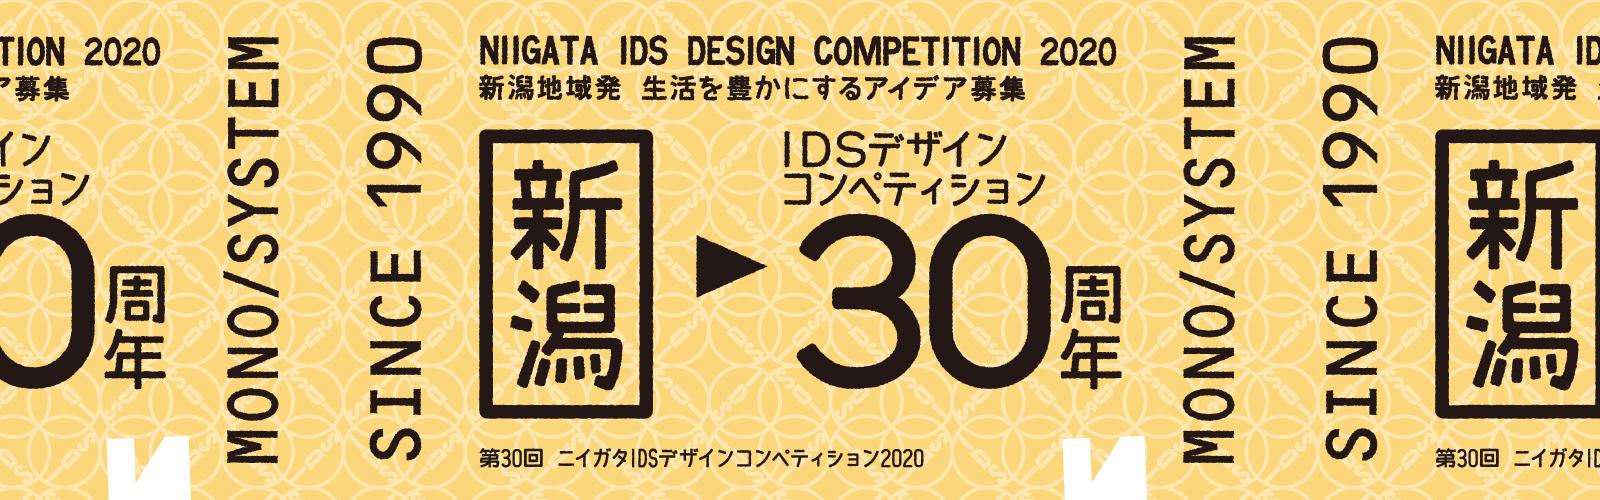 第30回 ニイガタIDSデザインコンペティション2020